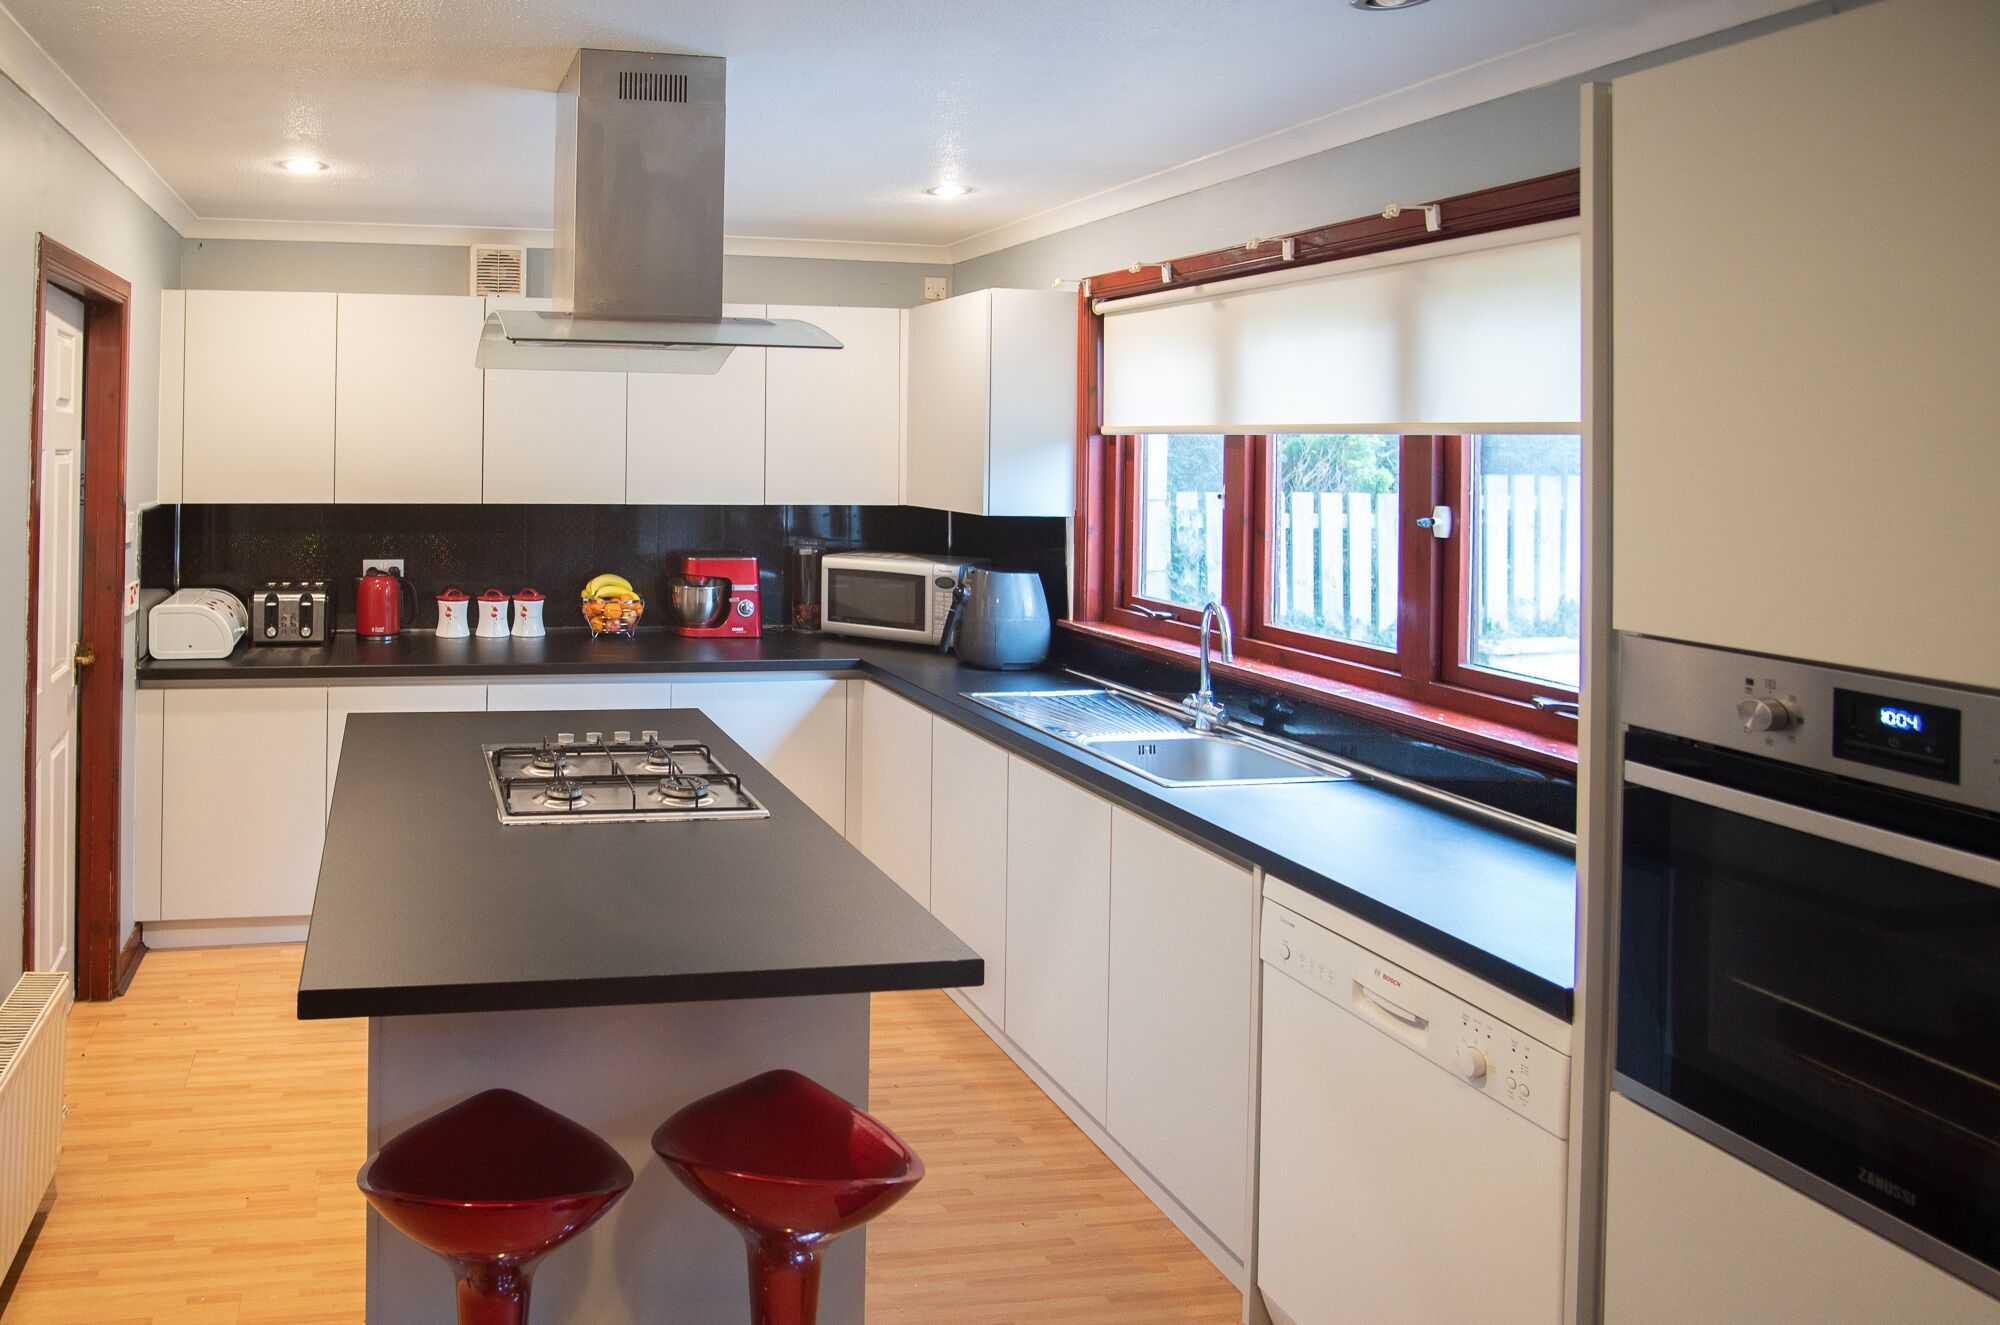 newly installed kitchen aberdeenshire